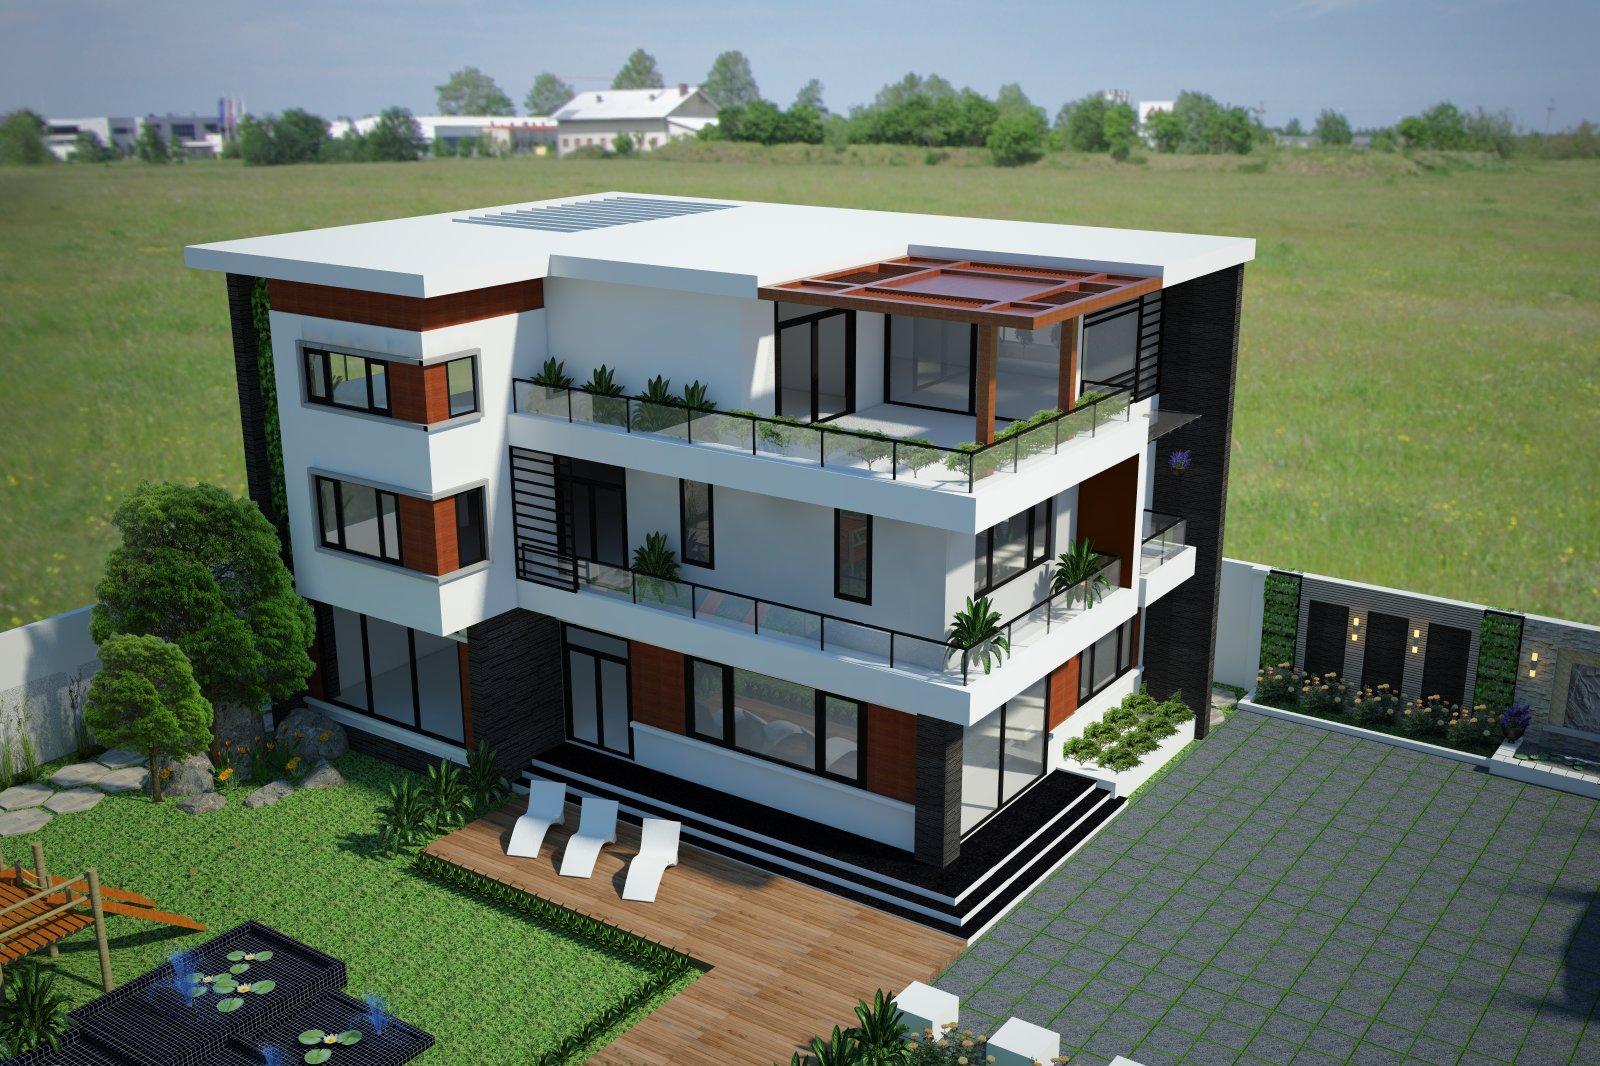 3 Thiết kế biệt thự giá rẻ tại Hà Nội, Thiết kế nhà biệt thự tại Hà Nội